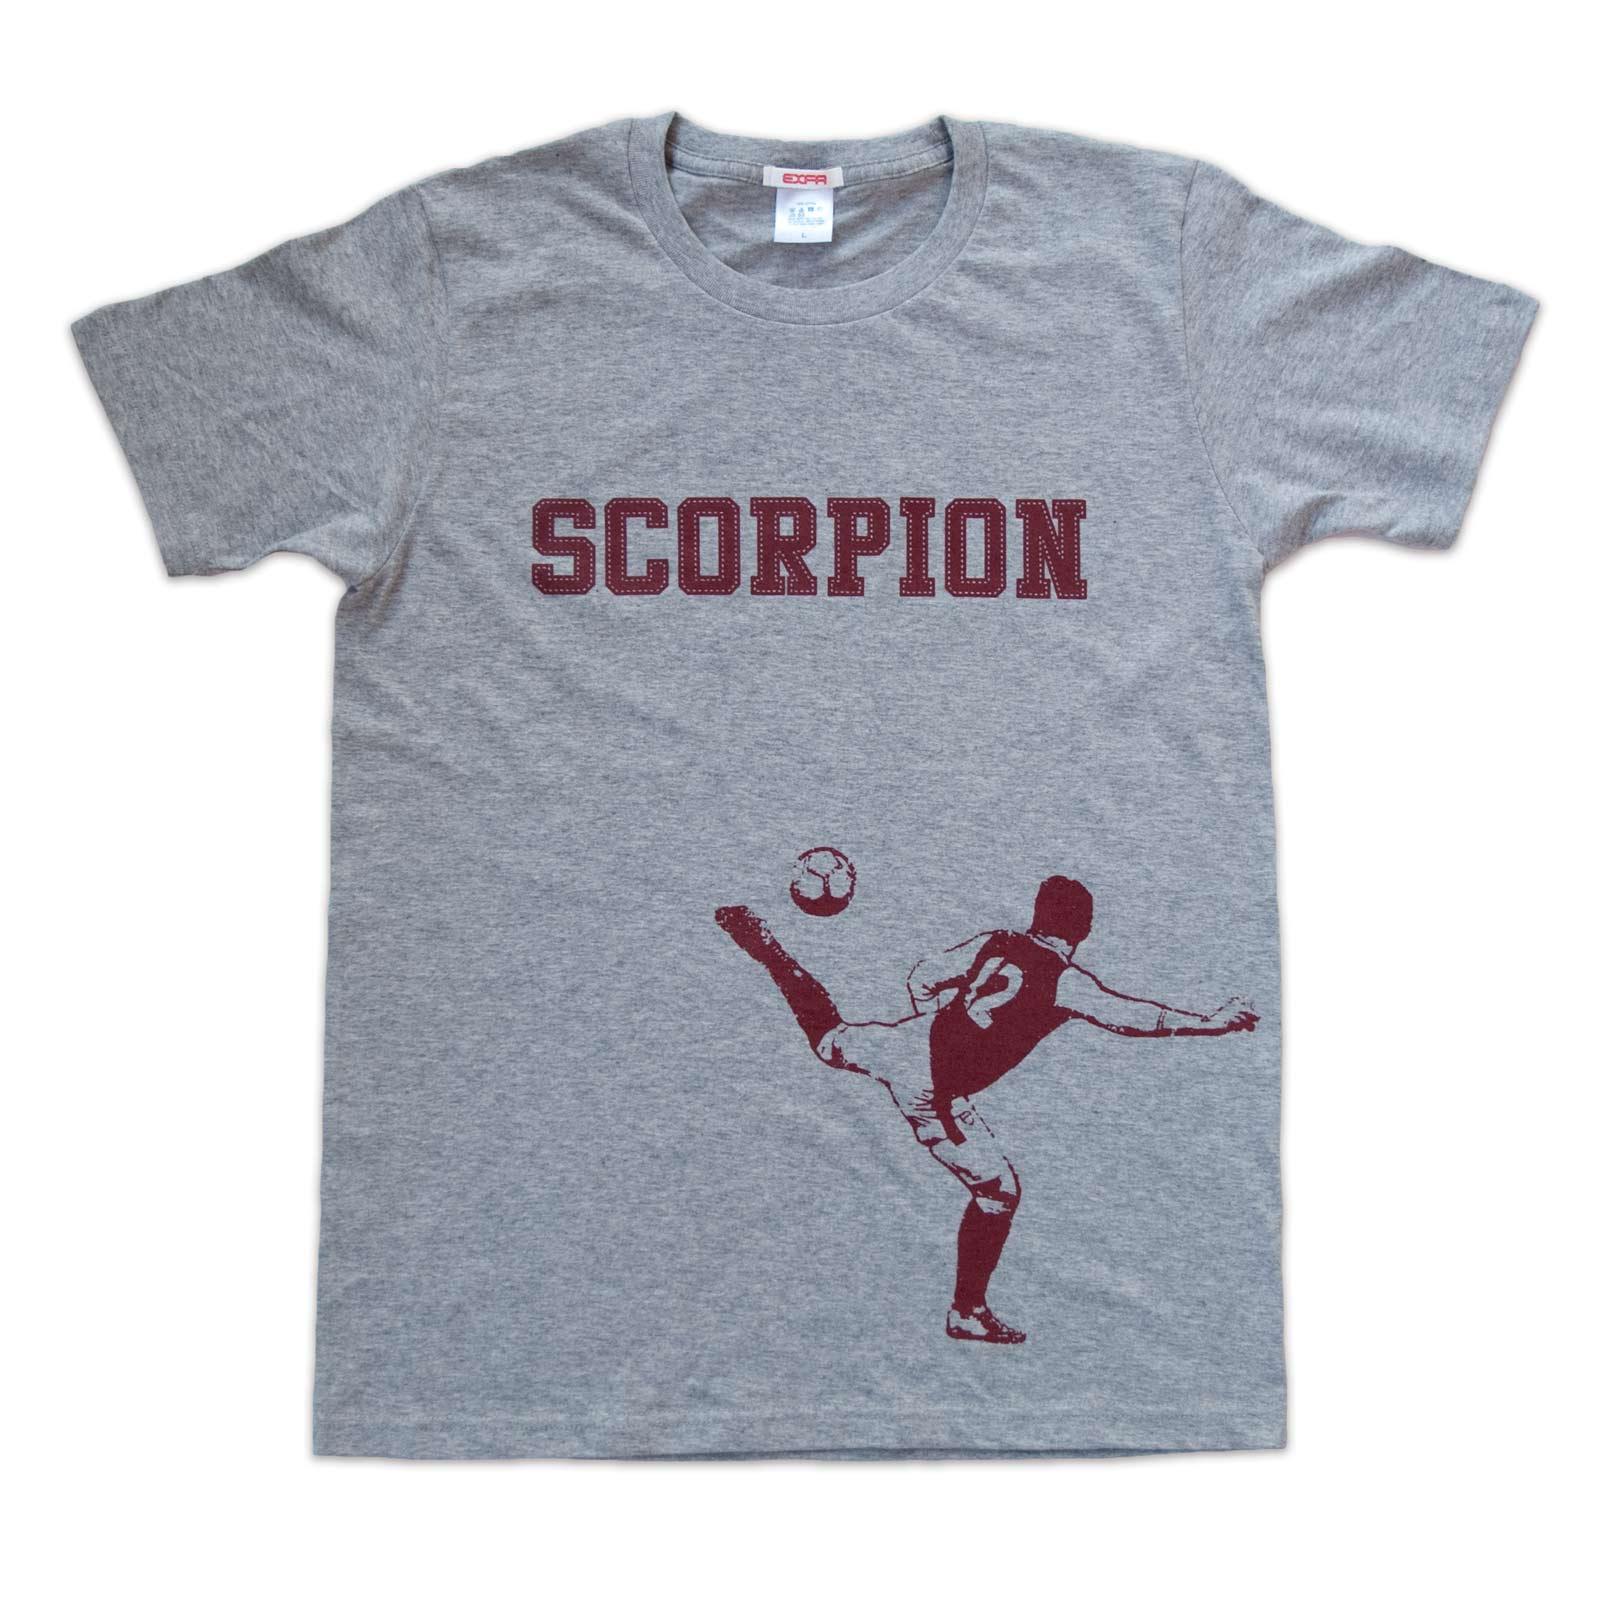 SCORPION ジルー Tシャツ